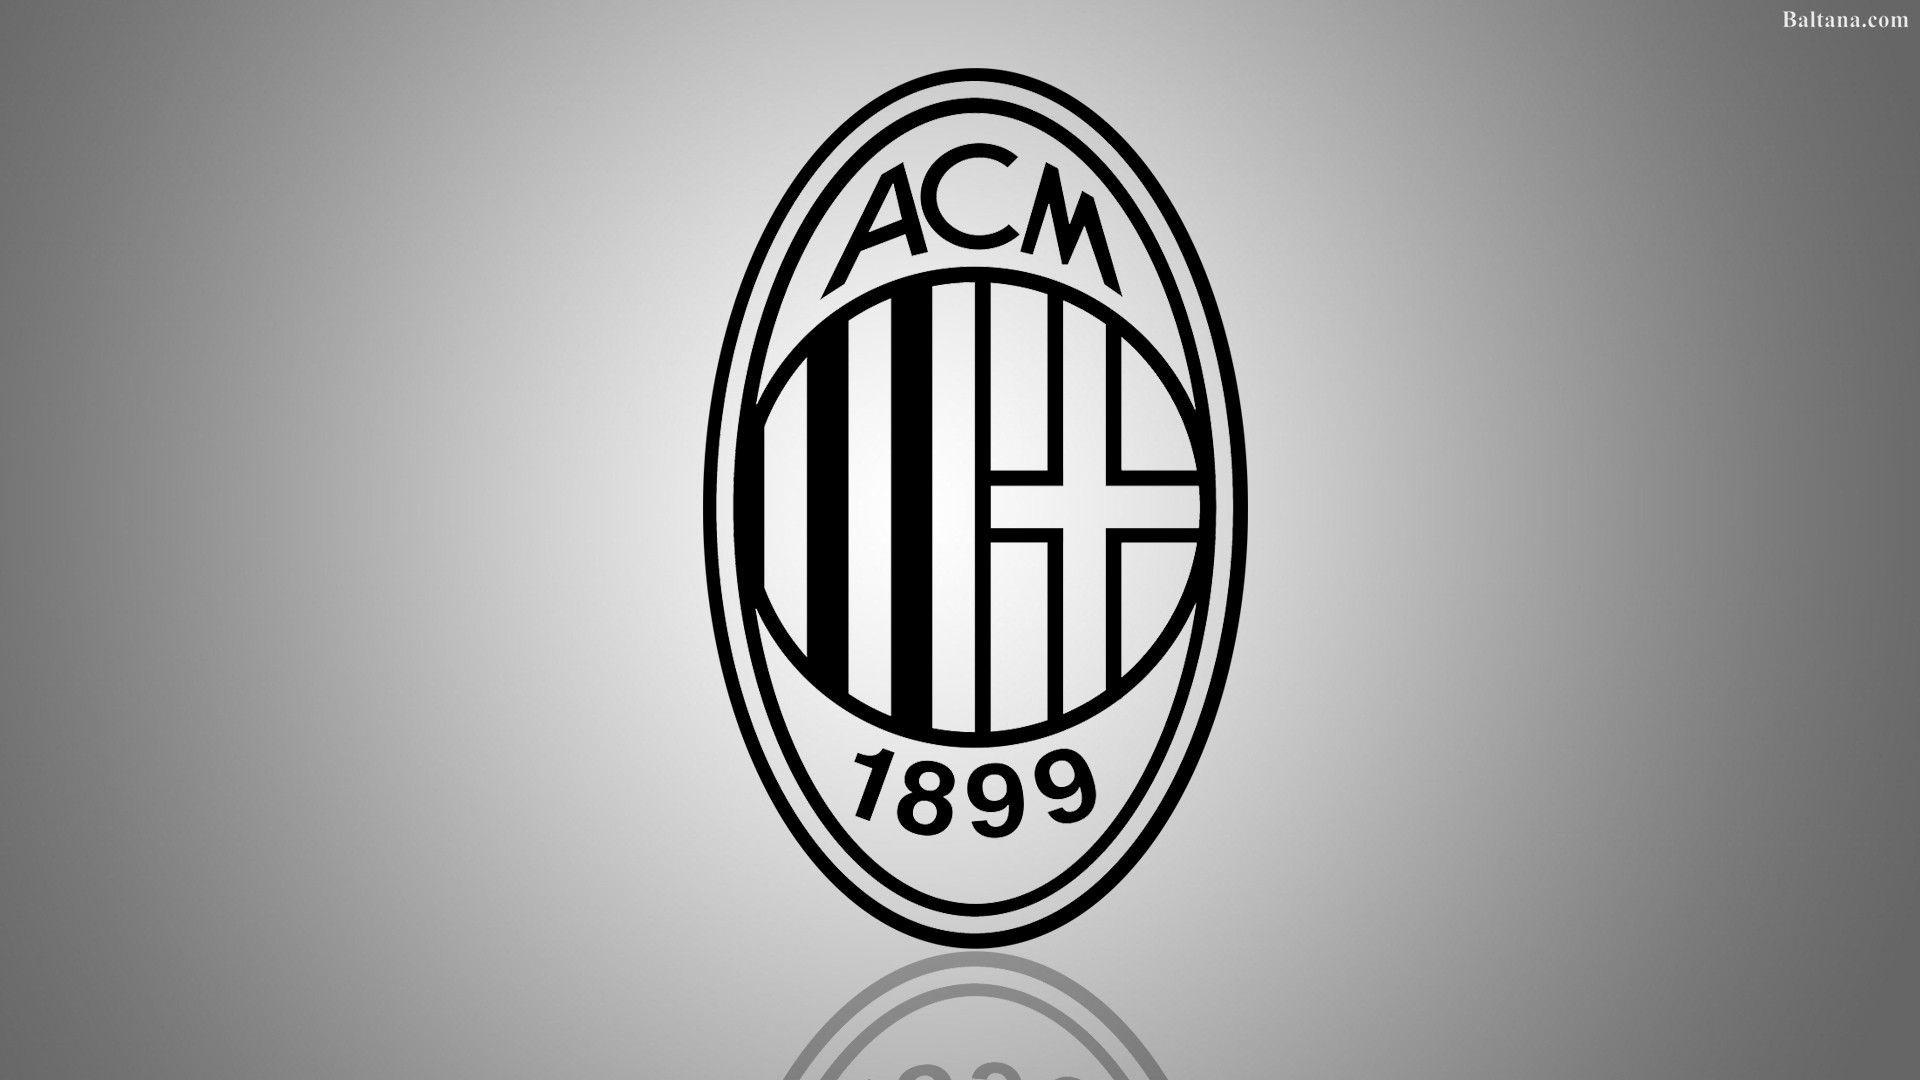 Ac Milan High Quality